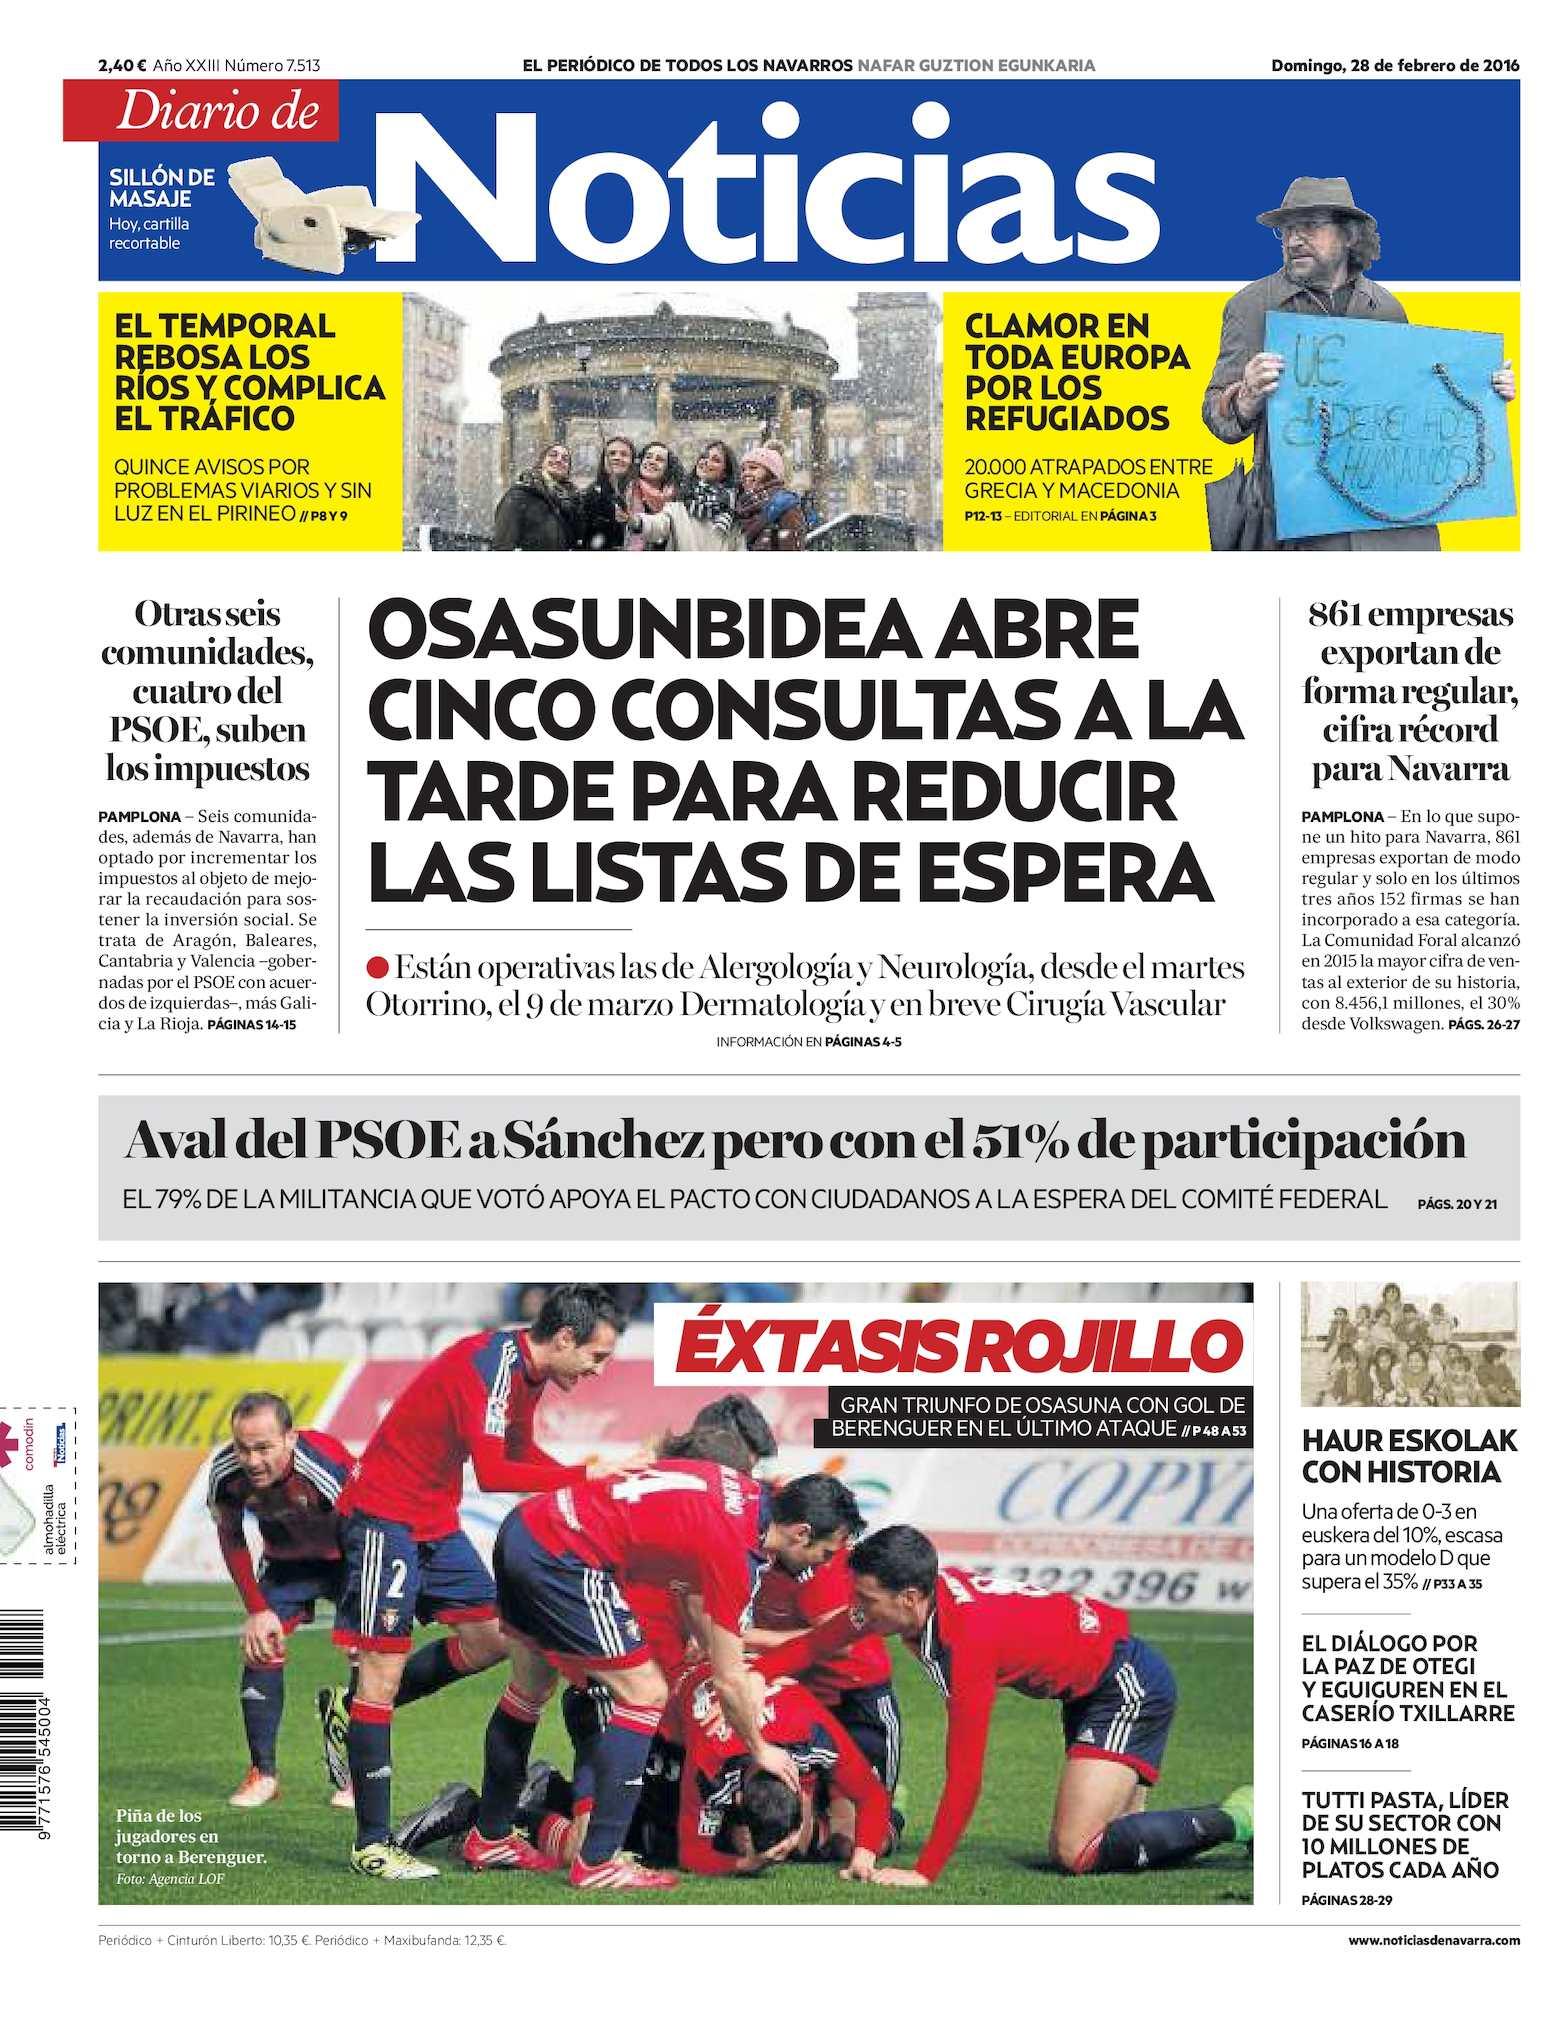 Calaméo - Diario de Noticias 20160228 d5e24fbdefc